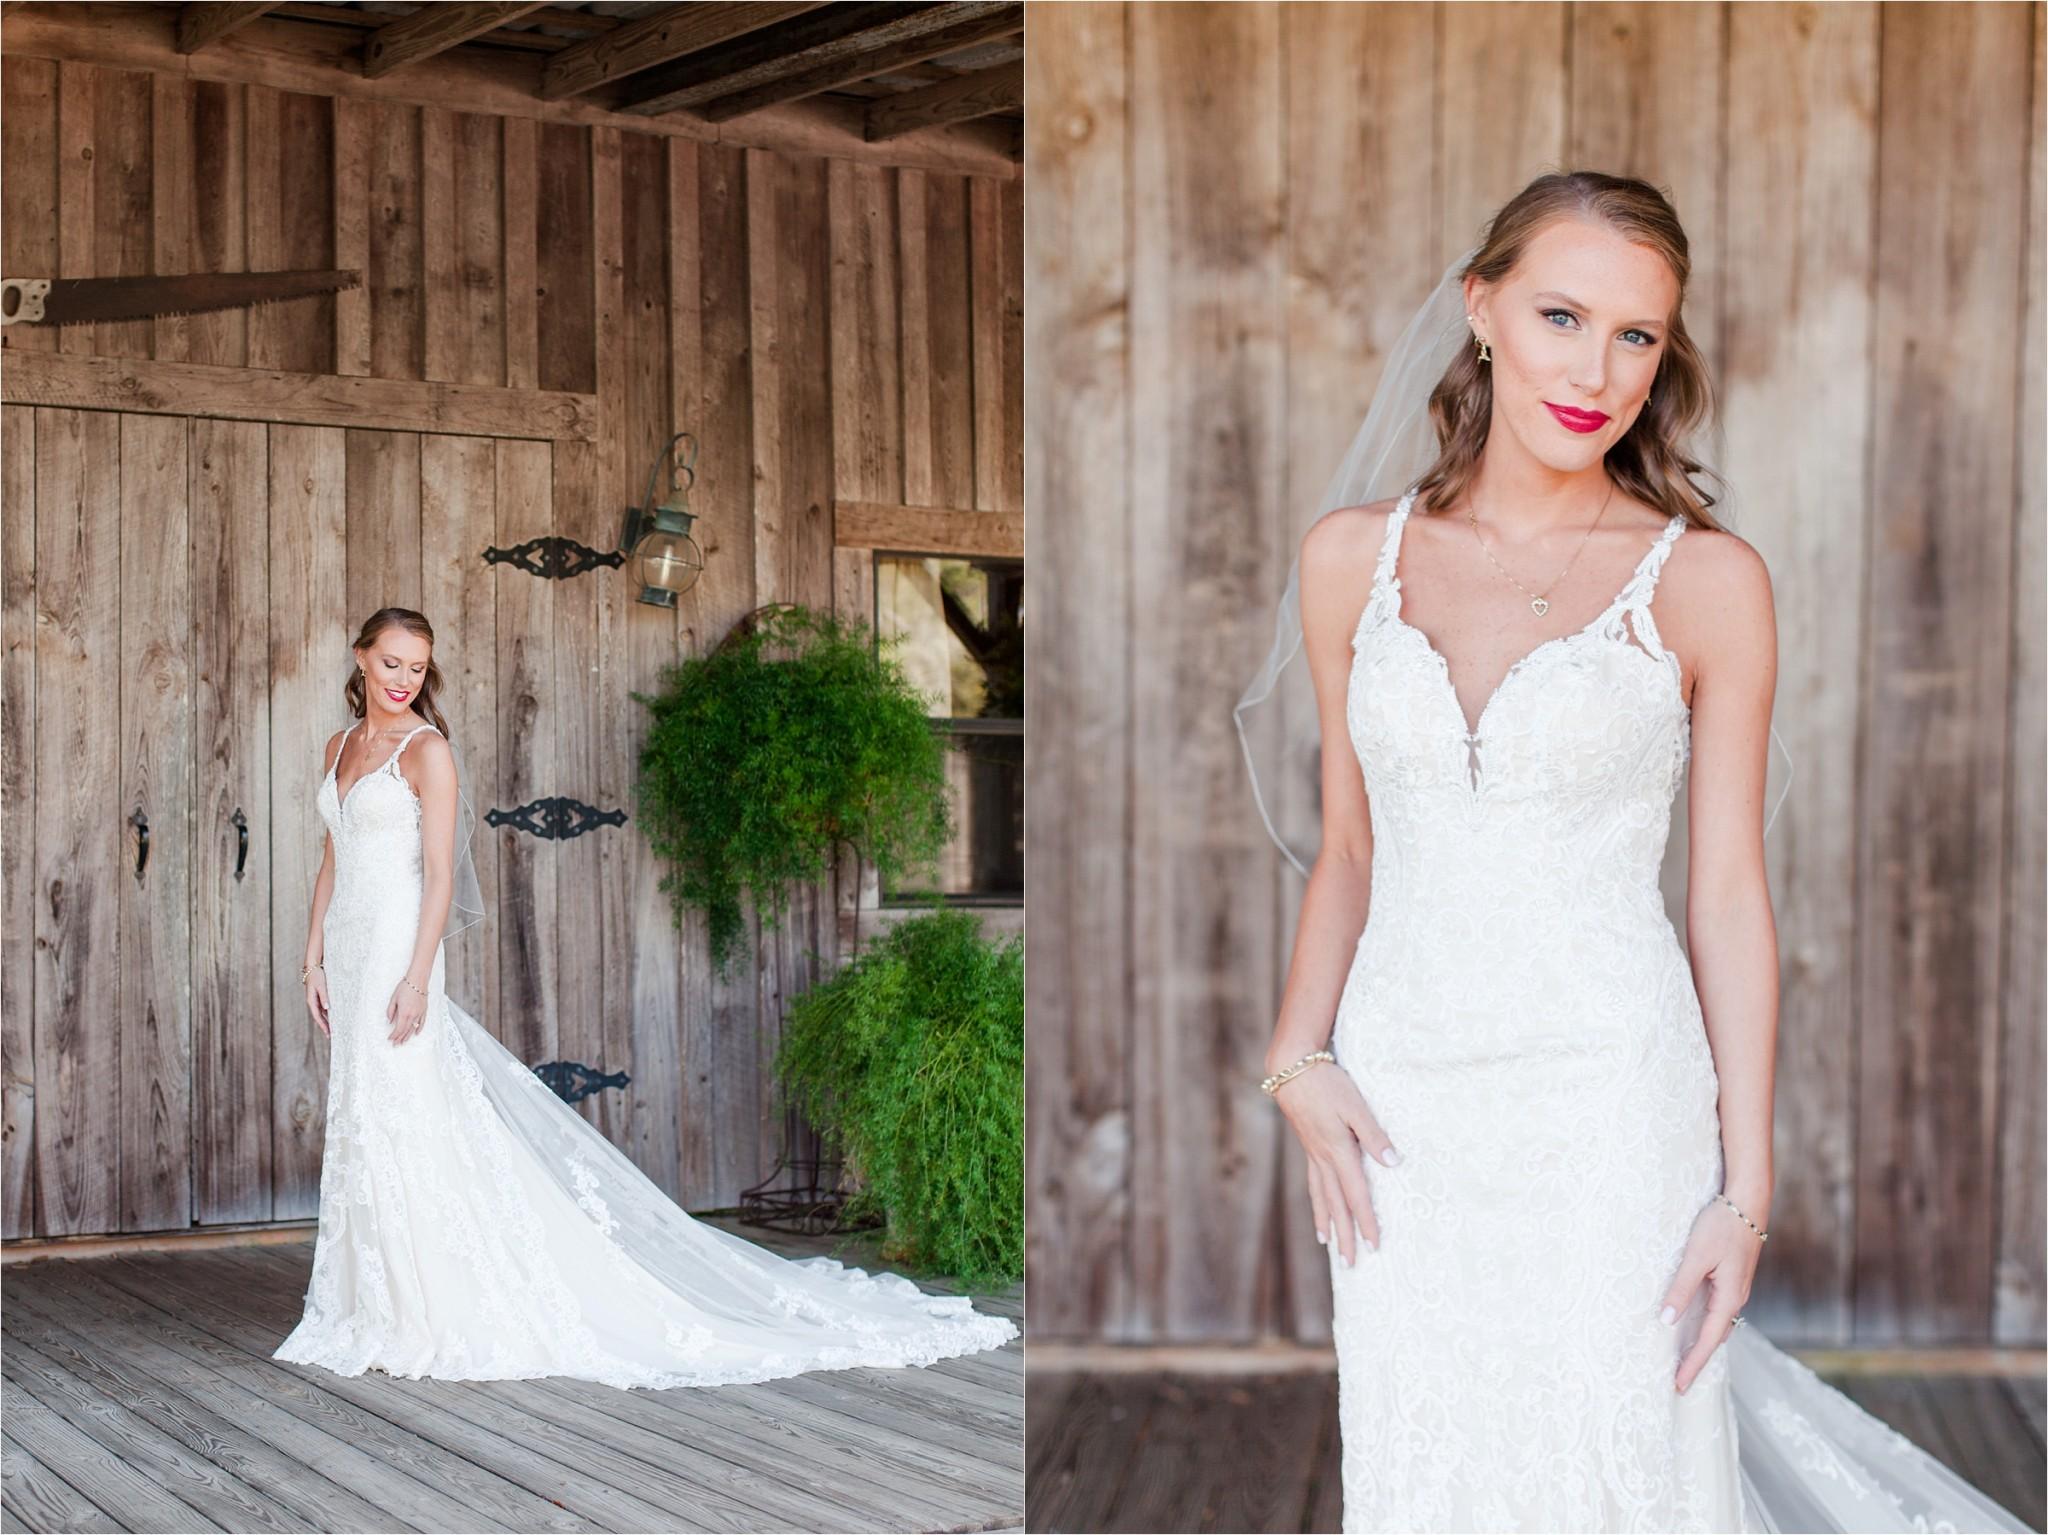 Lewis_Oak_Hollow_Wedding_Fairhope_AL_0112